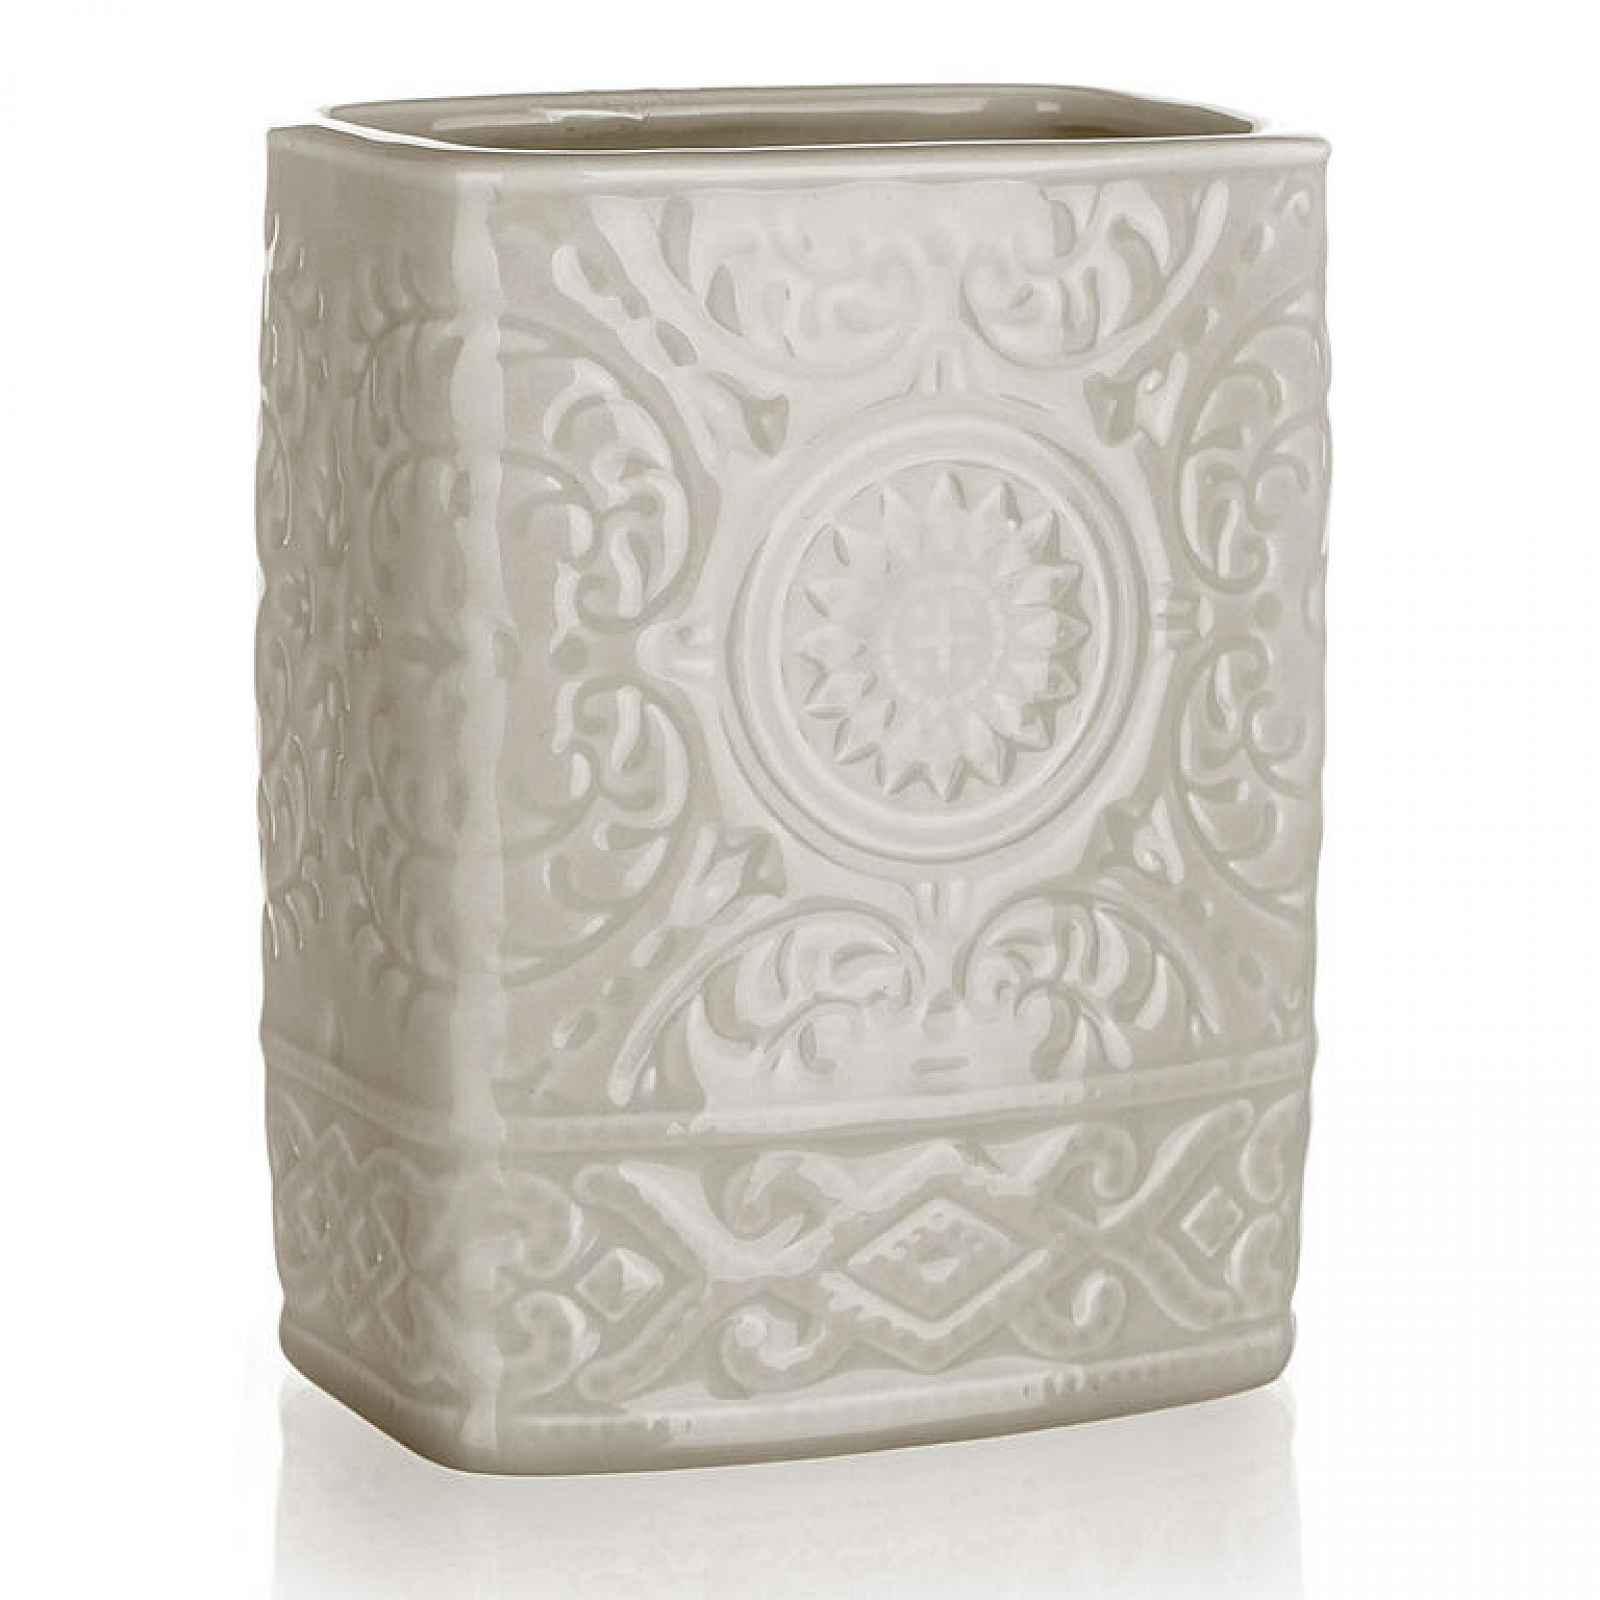 Kelímek na kartáčky keramický šedobéžový